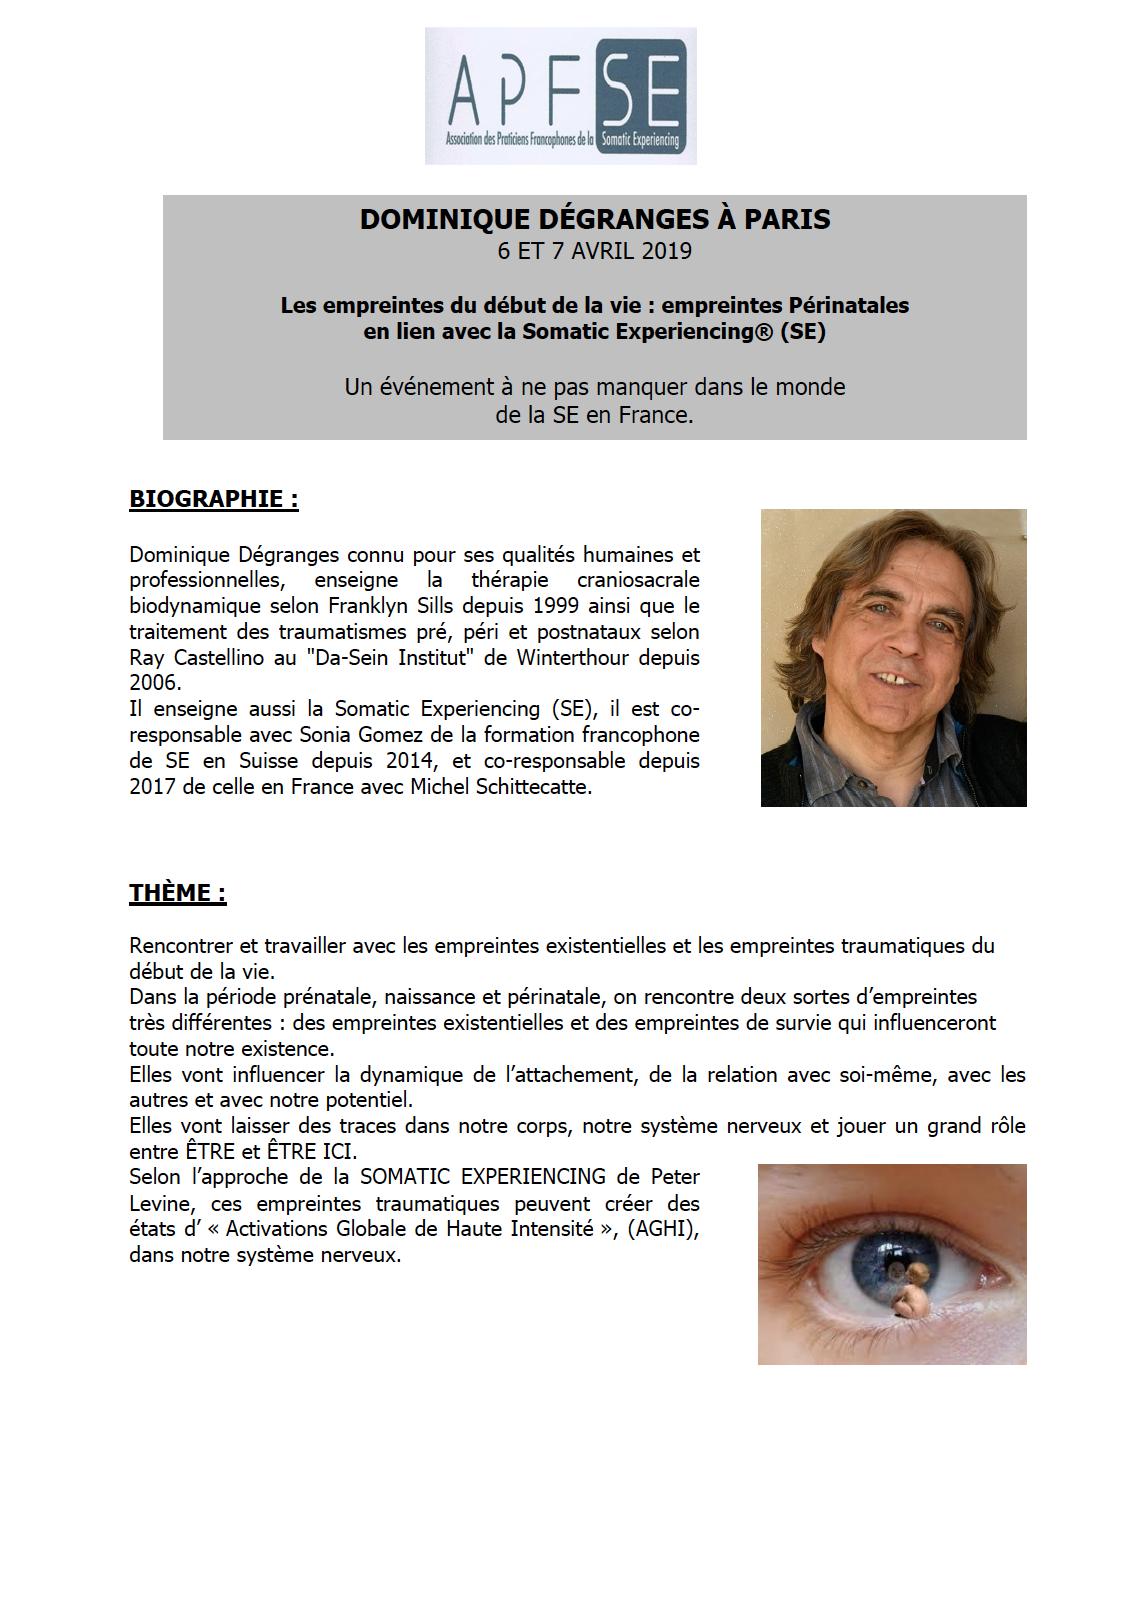 STAGE COMPLET – Formation de Dominique Dégranges à Paris les 6 et 7 avril 2019